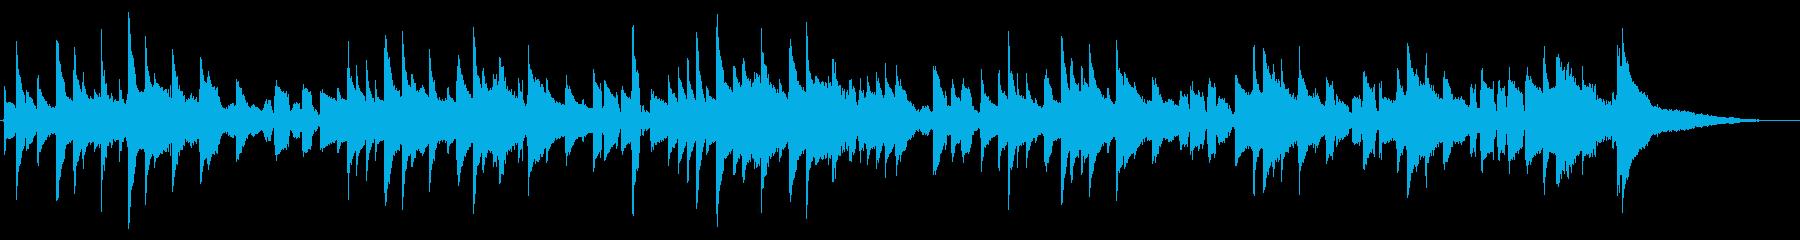 ほのぼの、場面展開などに最適な短い曲の再生済みの波形